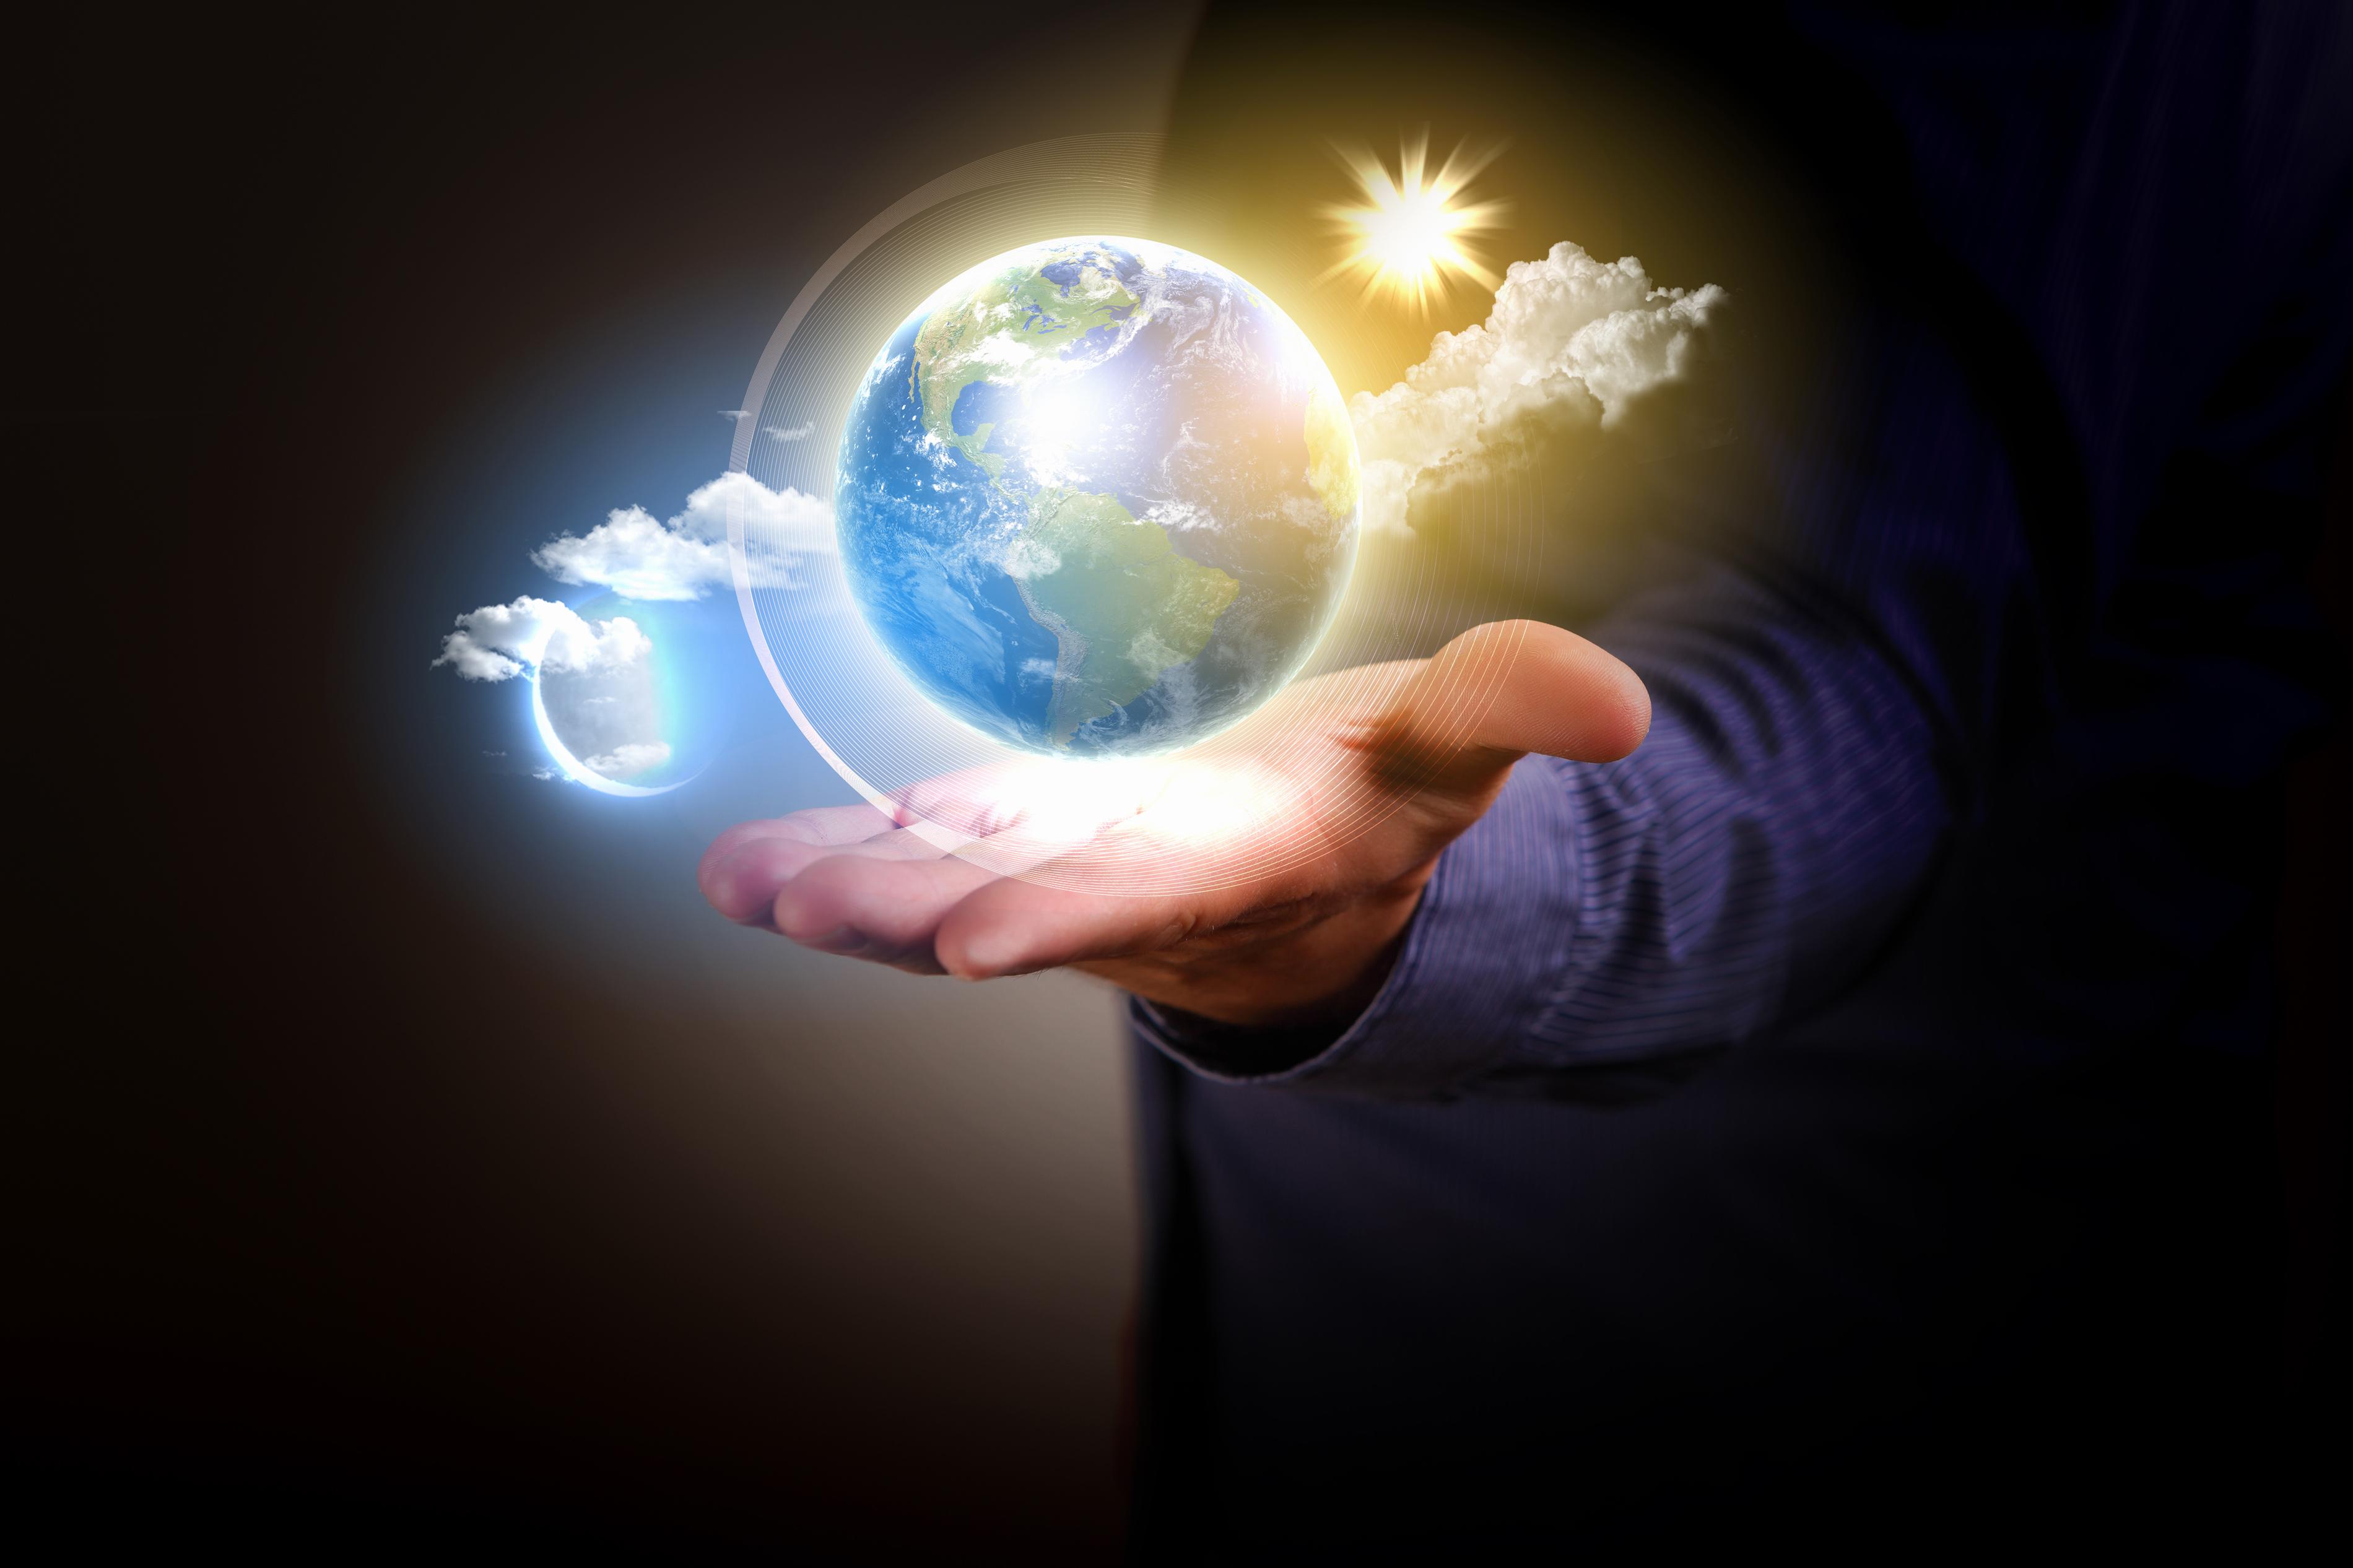 Земной шар гифки, анимированные GIF изображения)